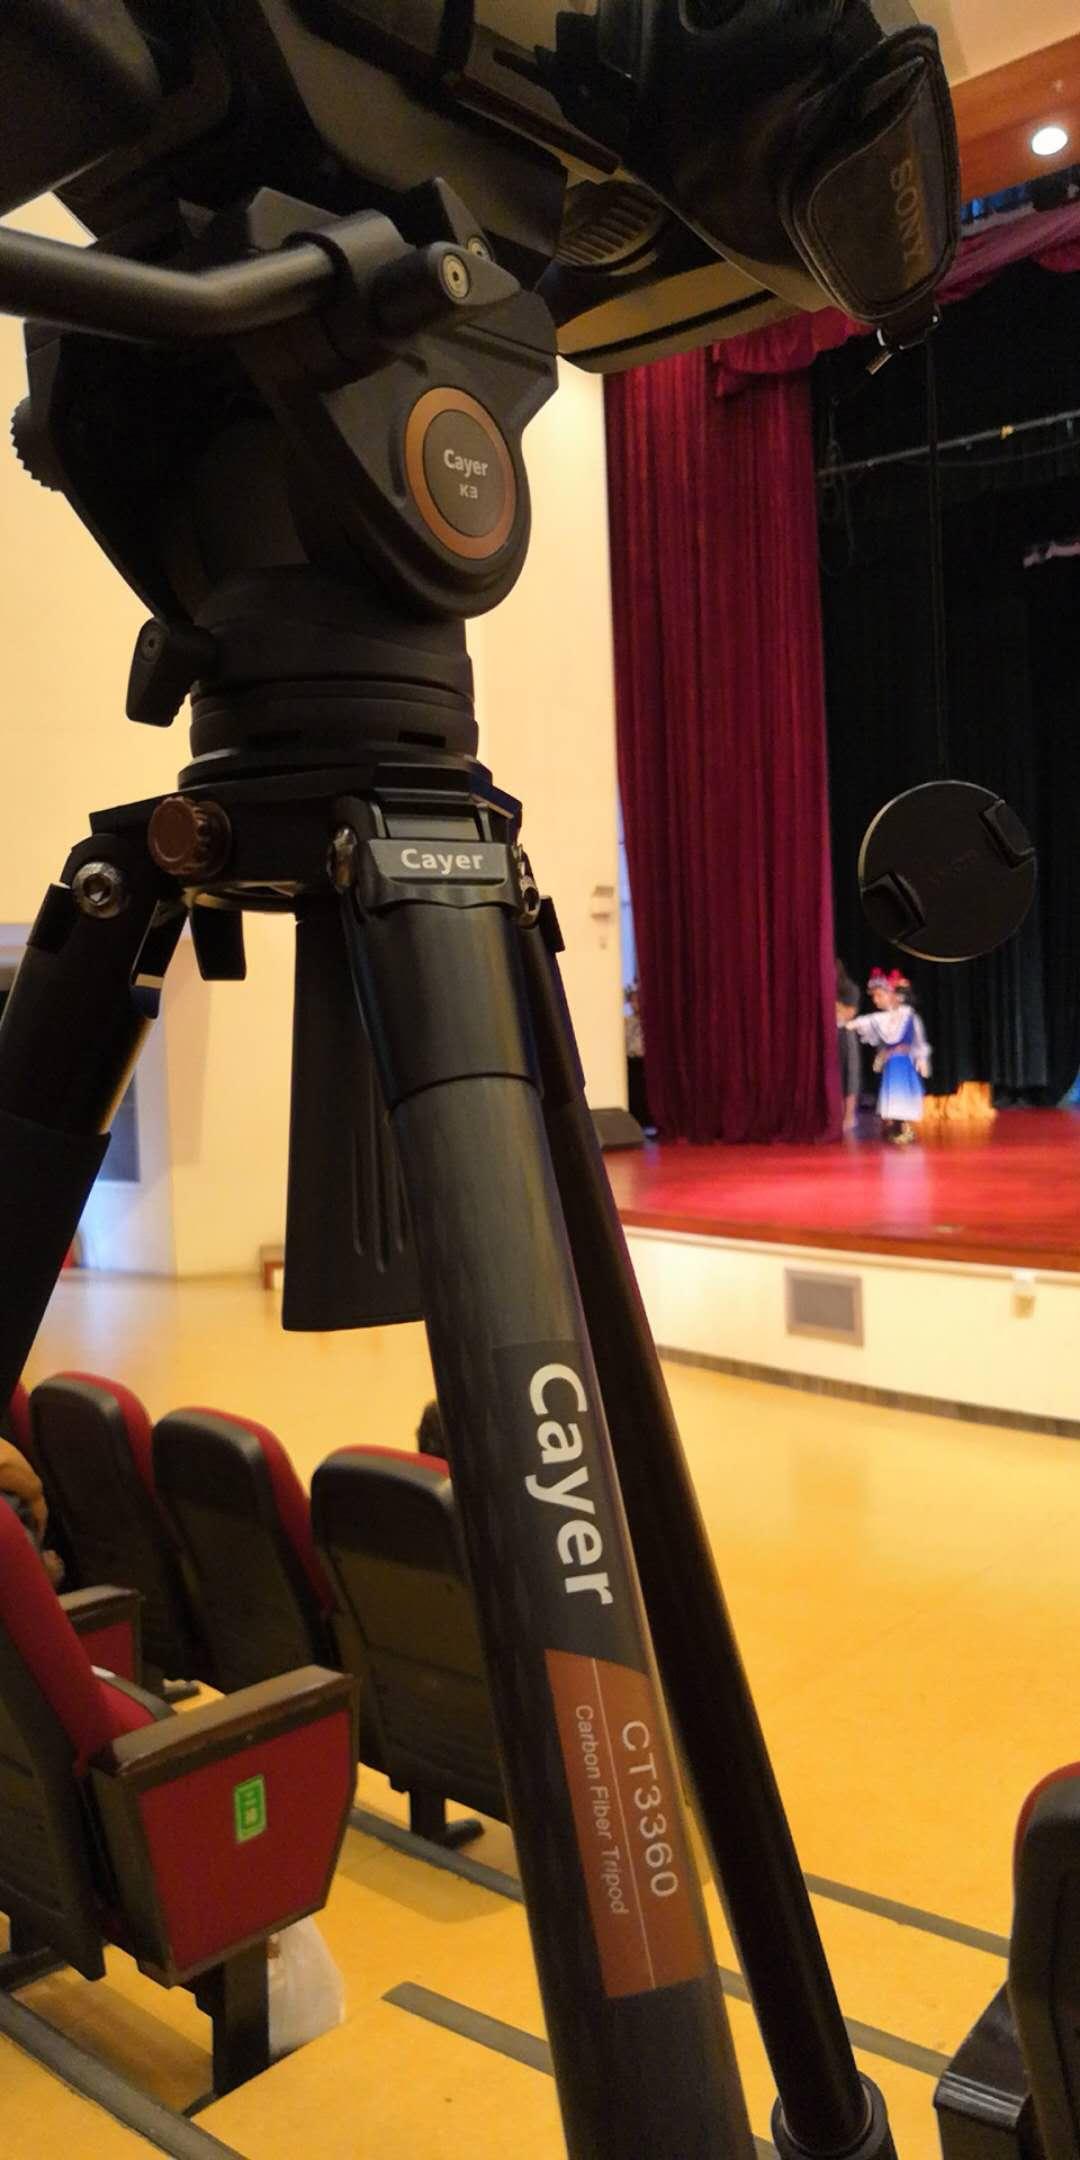 摄影三脚架|相机三脚架|摄影云台|摄像三脚架